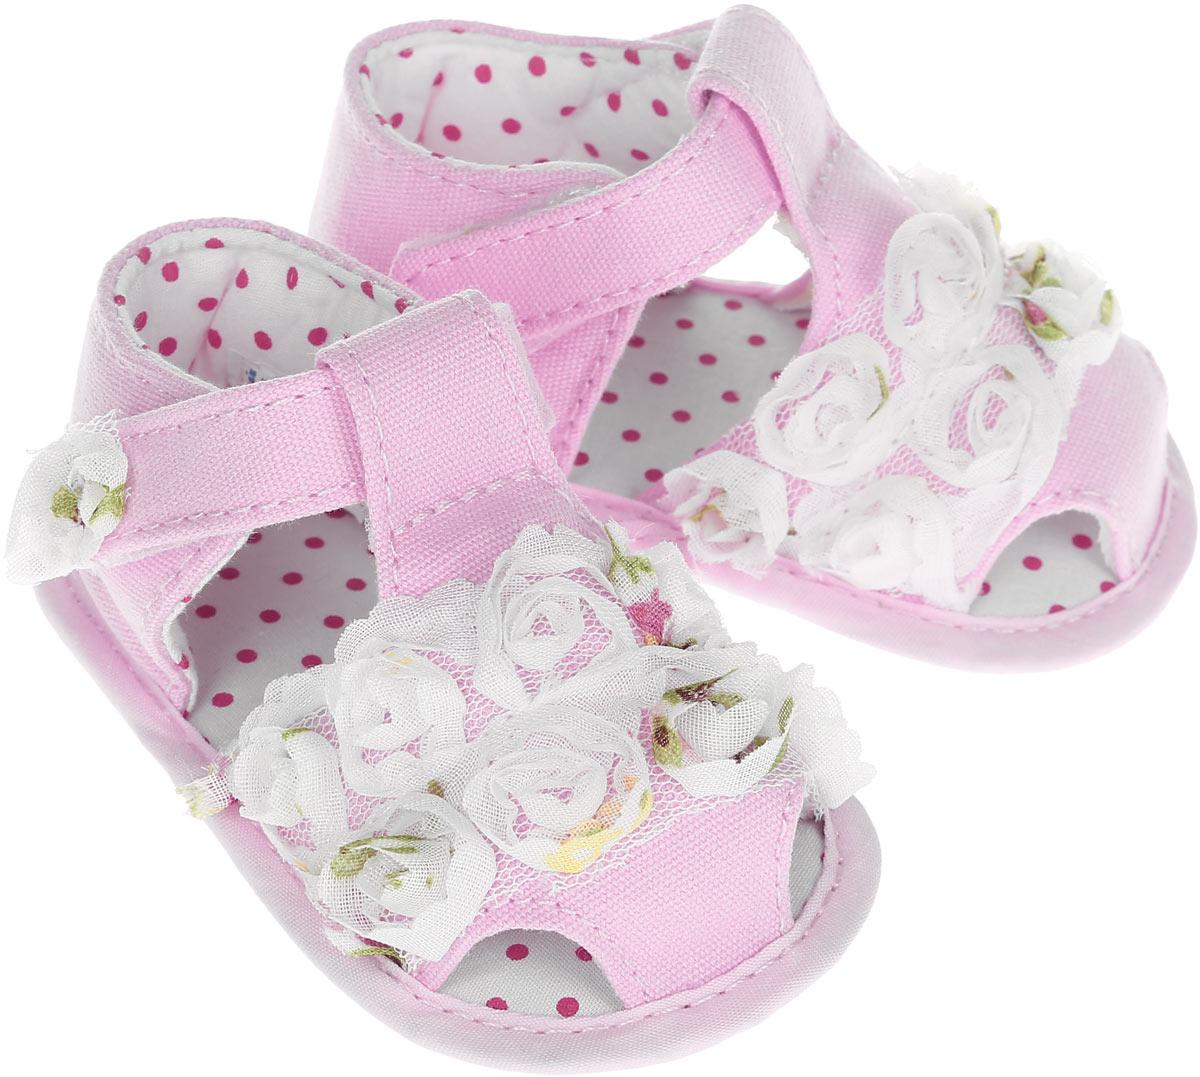 Пинетки001022-11Стильные и модные пинетки для девочки Котофей великолепно дополнят наряд маленькой модницы. В них ваша малышка будет чувствовать себя комфортно и непринужденно. Мягкий, приятный на ощупь и умеренно эластичный материал бережно удерживает ножку ребенка и обеспечивает необходимую циркуляцию воздуха и гигроскопичность. Пинетки легко надеваются и снимаются, а движения стопы в них остаются свободными. Модель дополнена хлястиками с липучками, которые надежно фиксируют пинетки на ножке ребенка и позволяют регулировать их объем. Пинетки декорированы объемными аппликациями в виде цветов. Милые, нежные, удобные и анатомически правильные для формирующейся ножки детские пинетки станут любимой обувью маленькой принцессы.